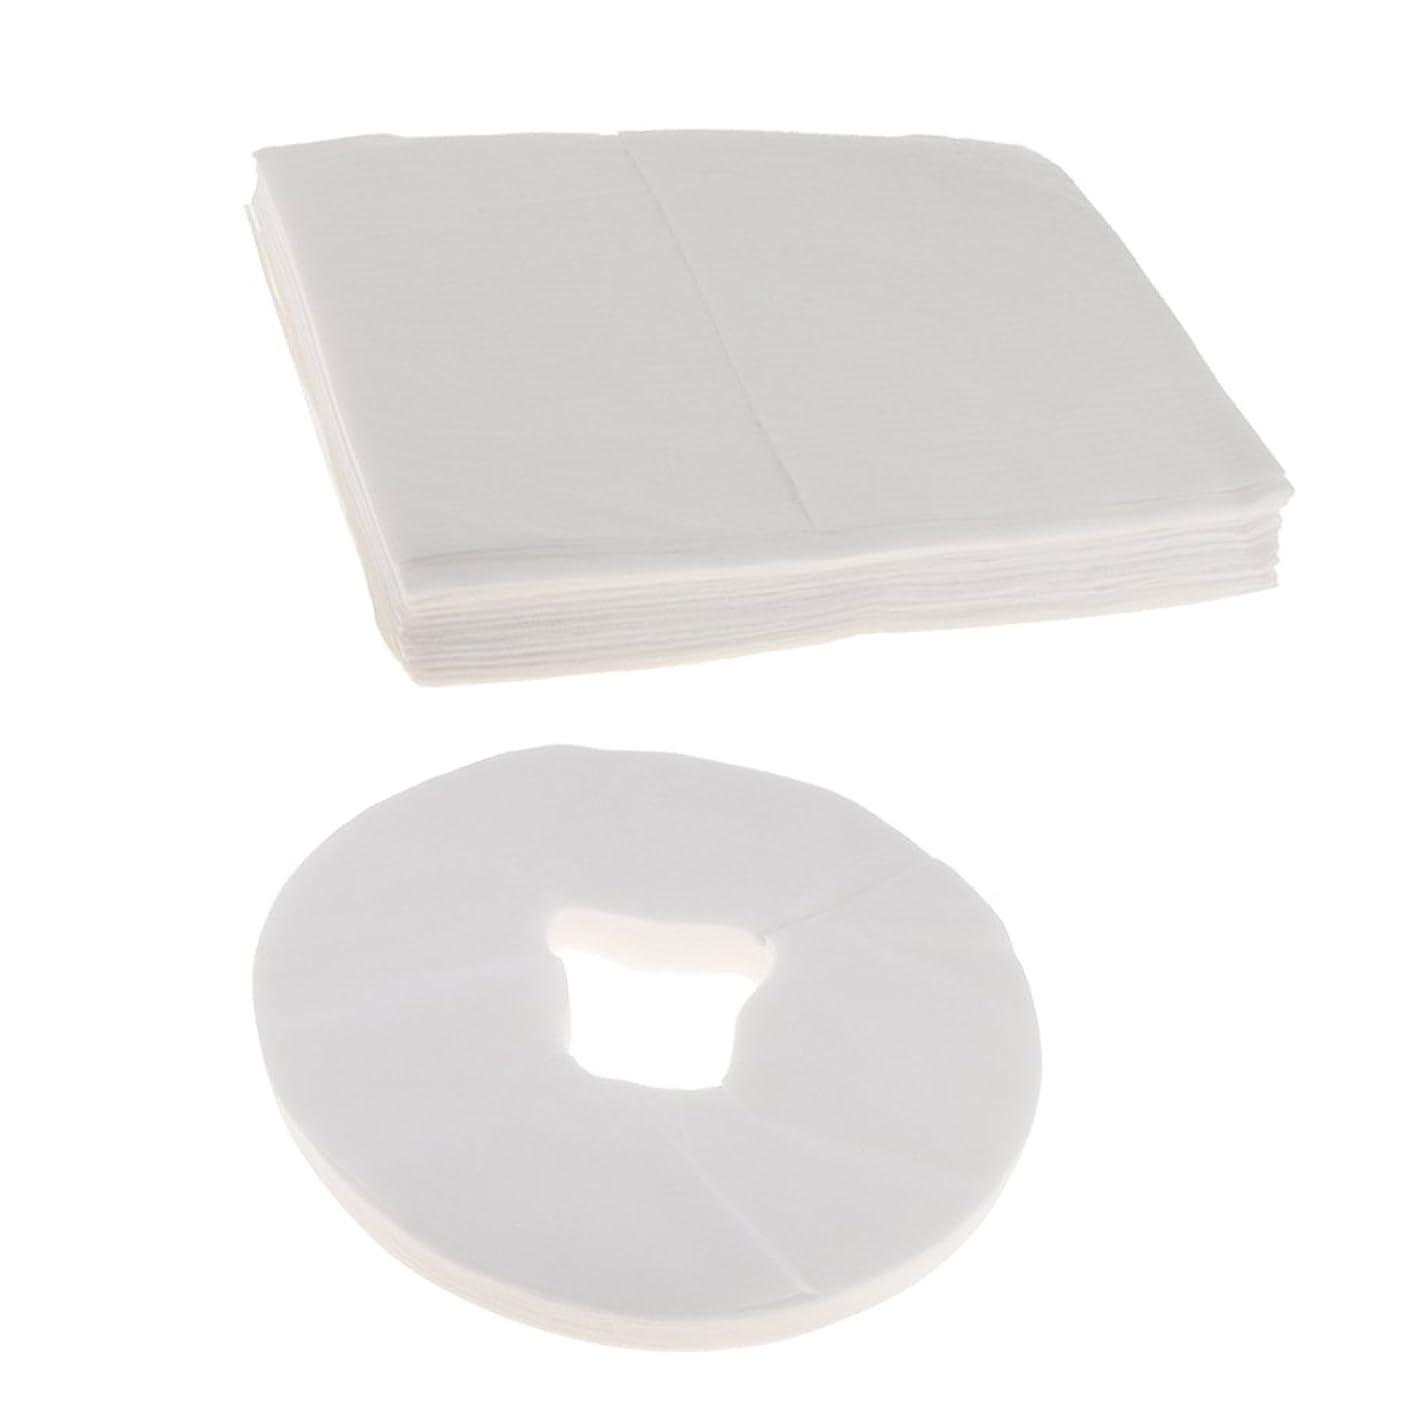 塩誤解するナンセンスCUTICATE 100ホワイト使い捨てマッサージテーブルフェイスクレードルクッションカバー+10ベッドシーツ